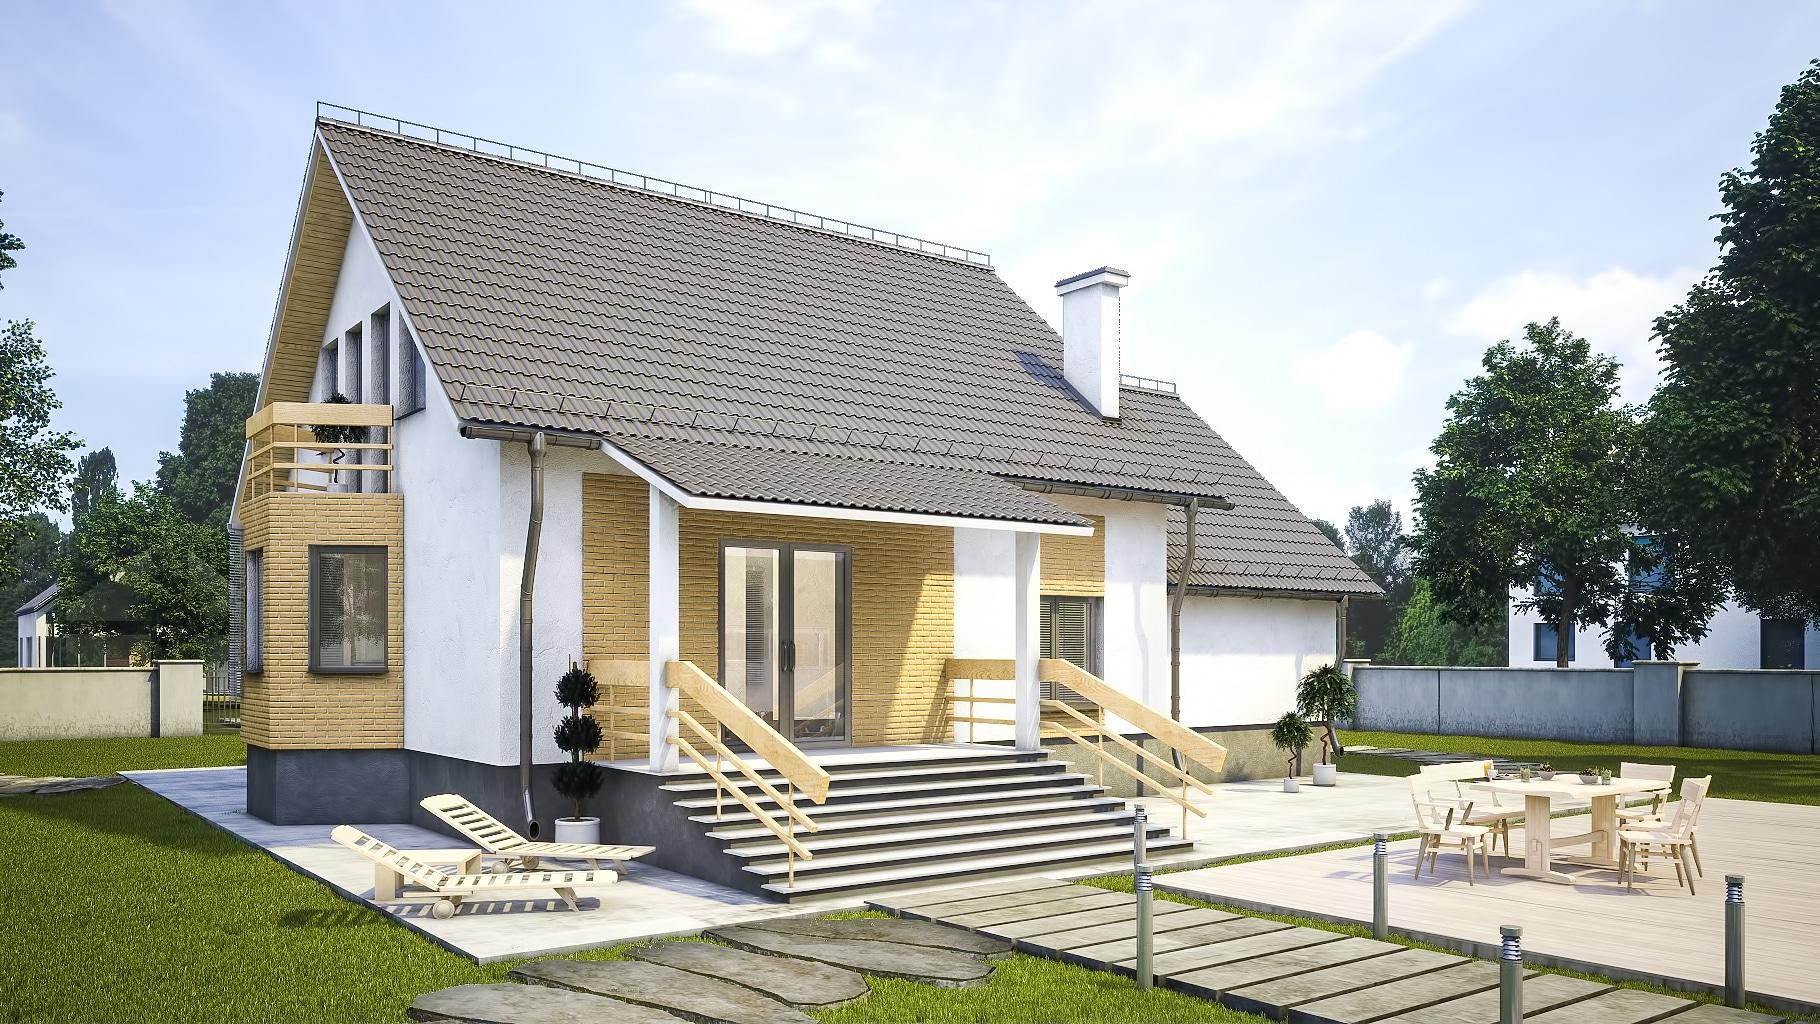 Проект мансардного дома с гаражом, террасой и балконом «КМ-97» - фото №1